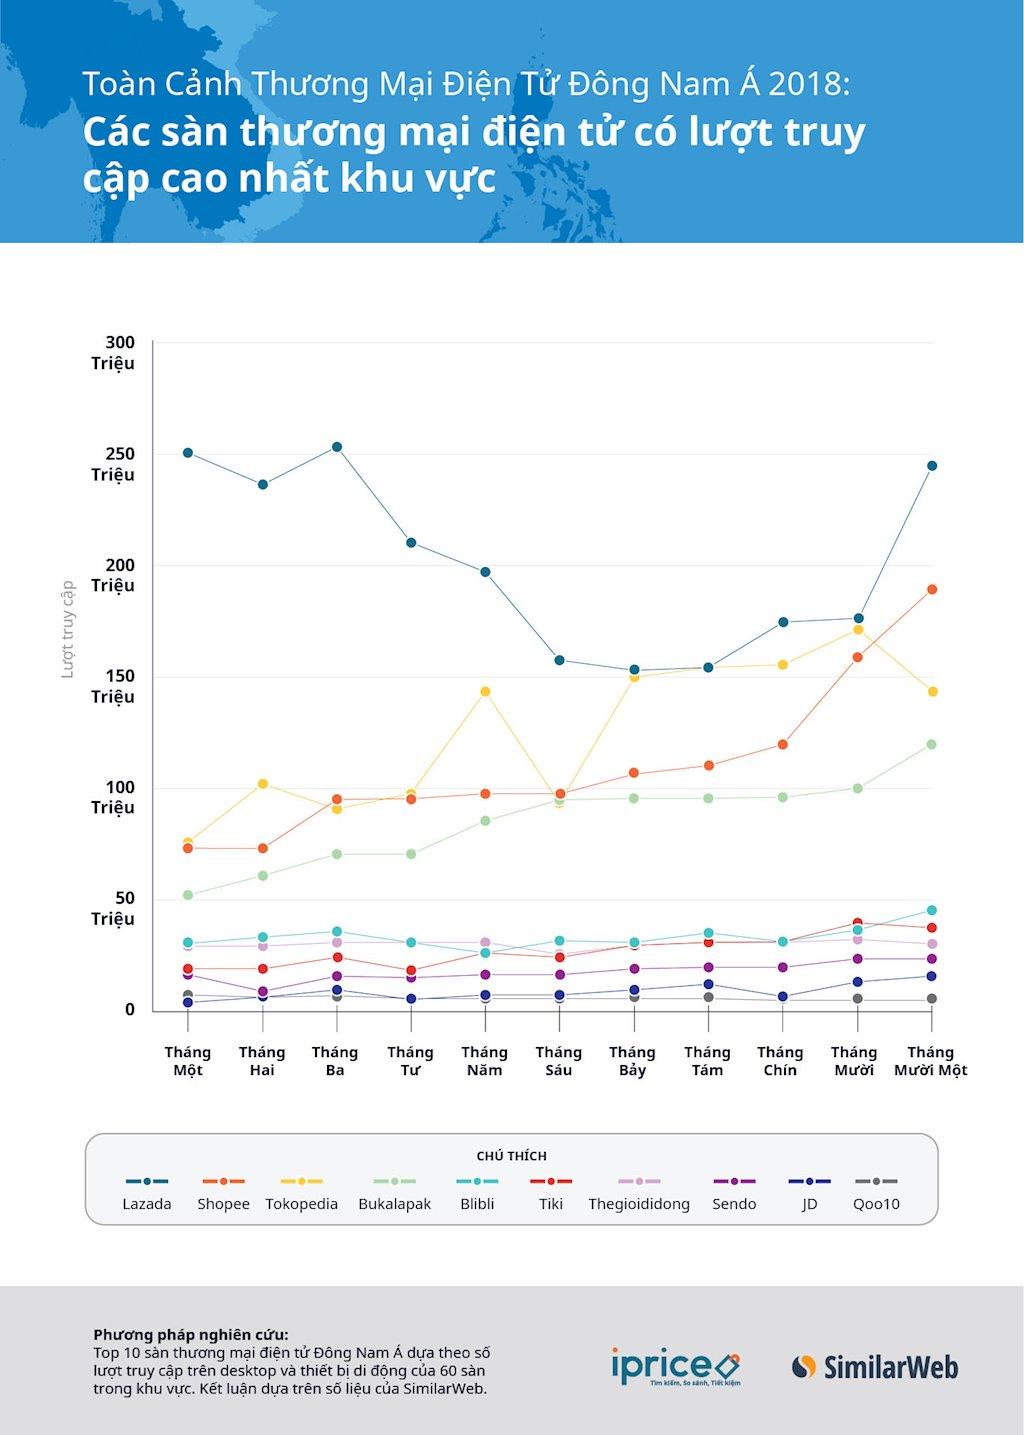 Thị trường thương mại điện tử Việt Nam quý 1/2019: Dấu ấn các công ty nội địa | Thị trường cạnh tranh khốc liệt, Tiki, Sendo và Adayroi vẫn tăng trưởng đều trong 4 quý gần nhất